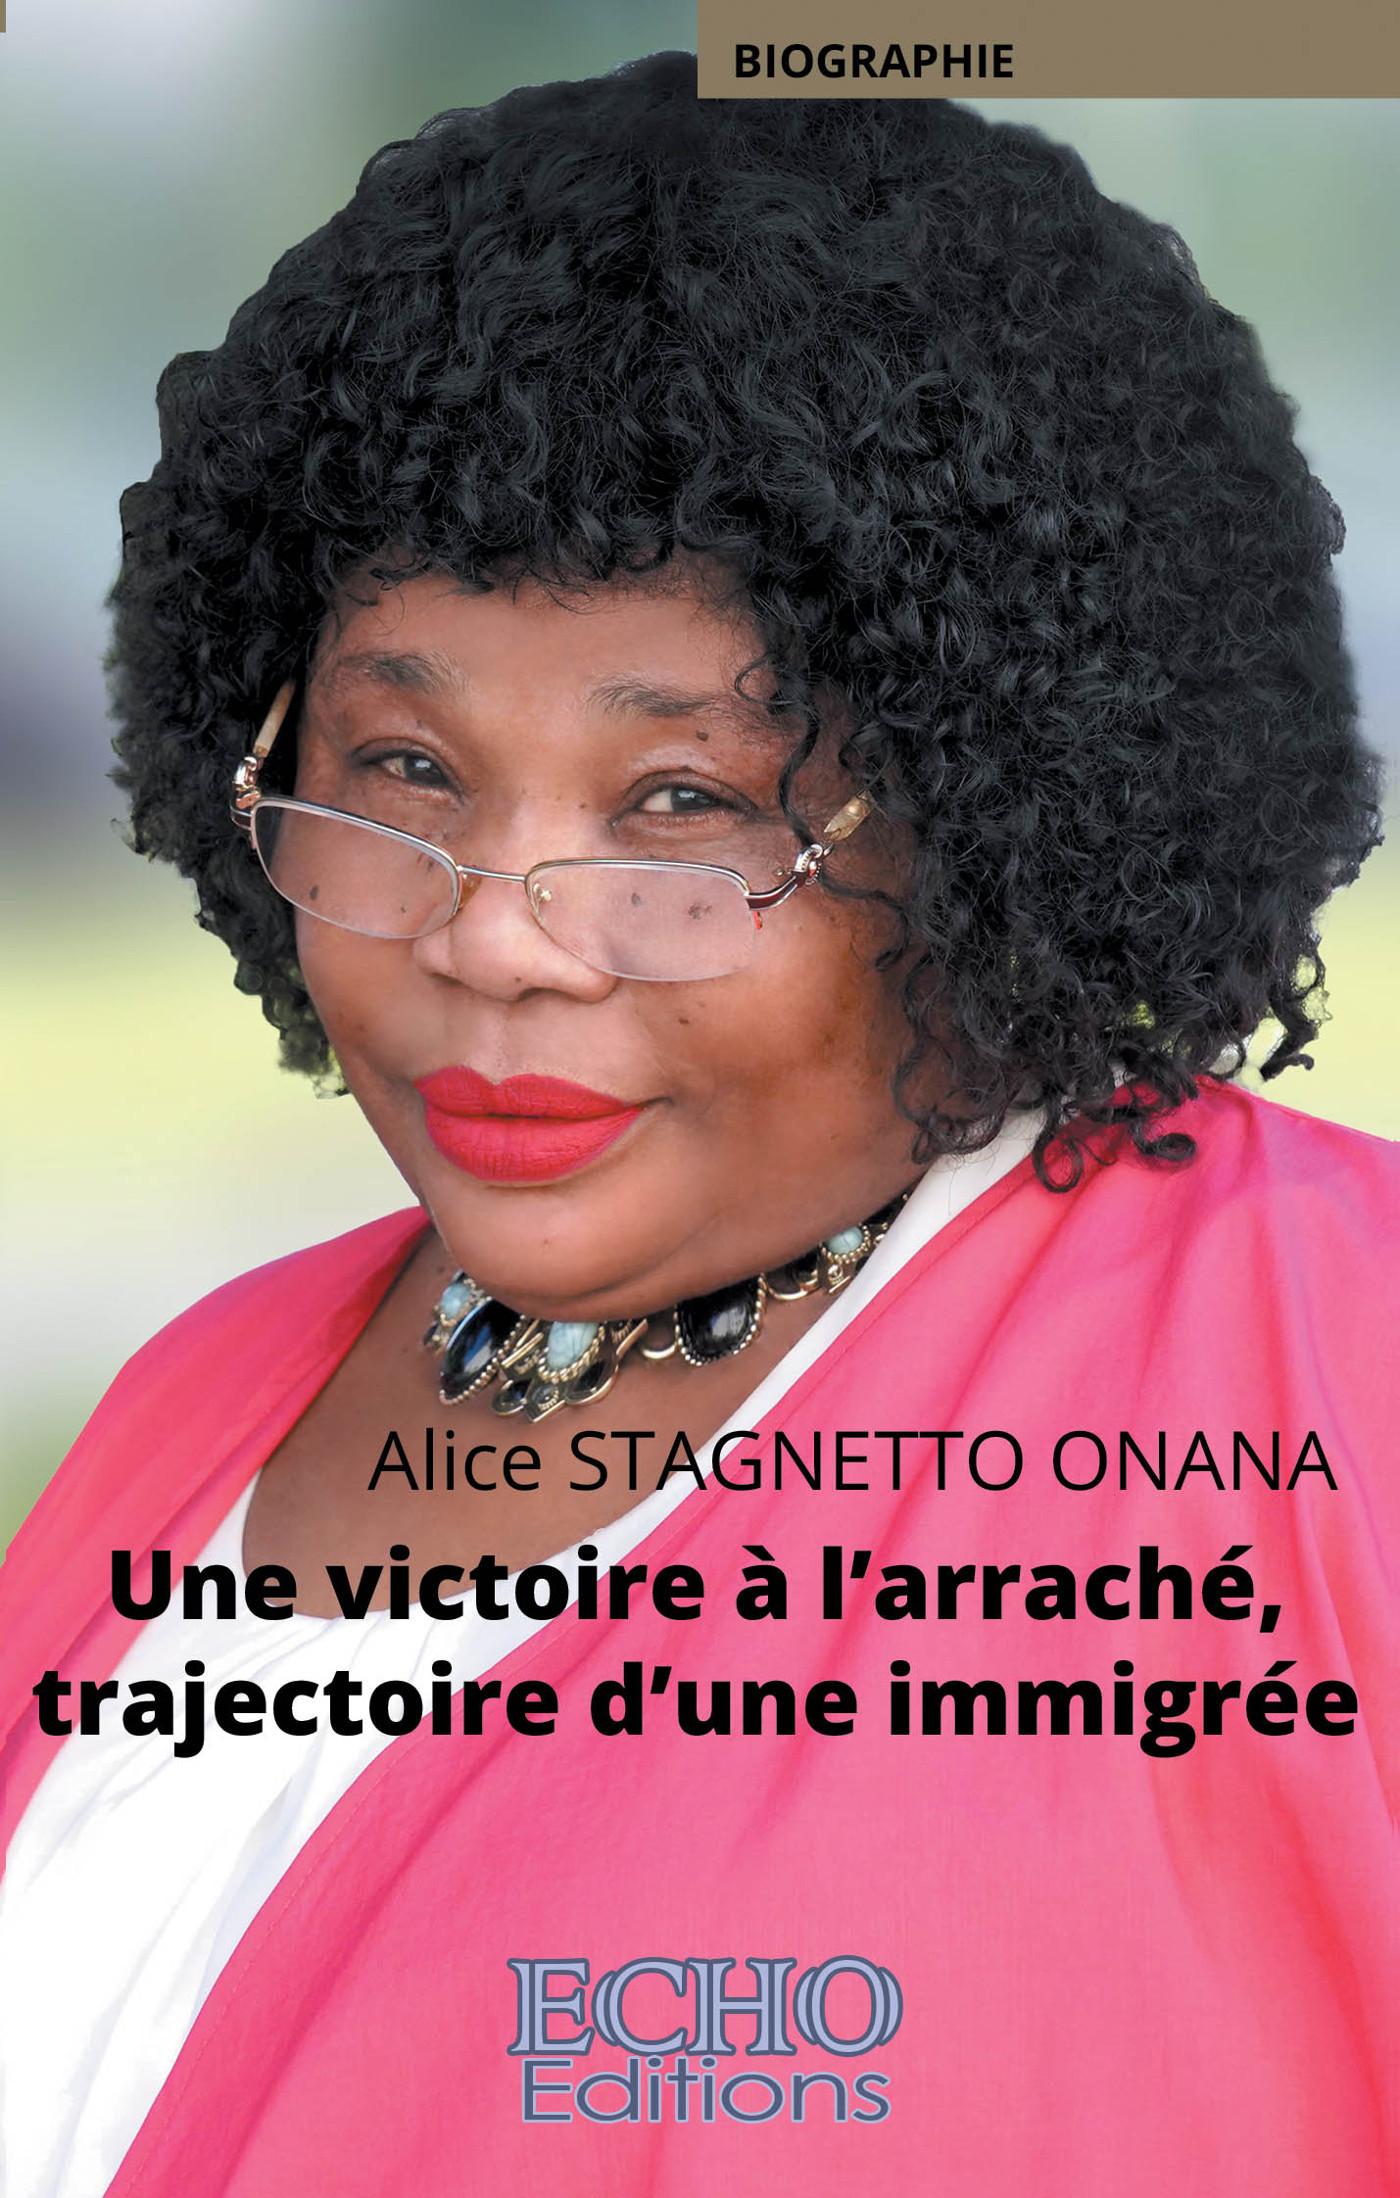 UNE VICTOIRE A L'ARRACHE, TRAJECTOIRE D'UNE IMMIGREE